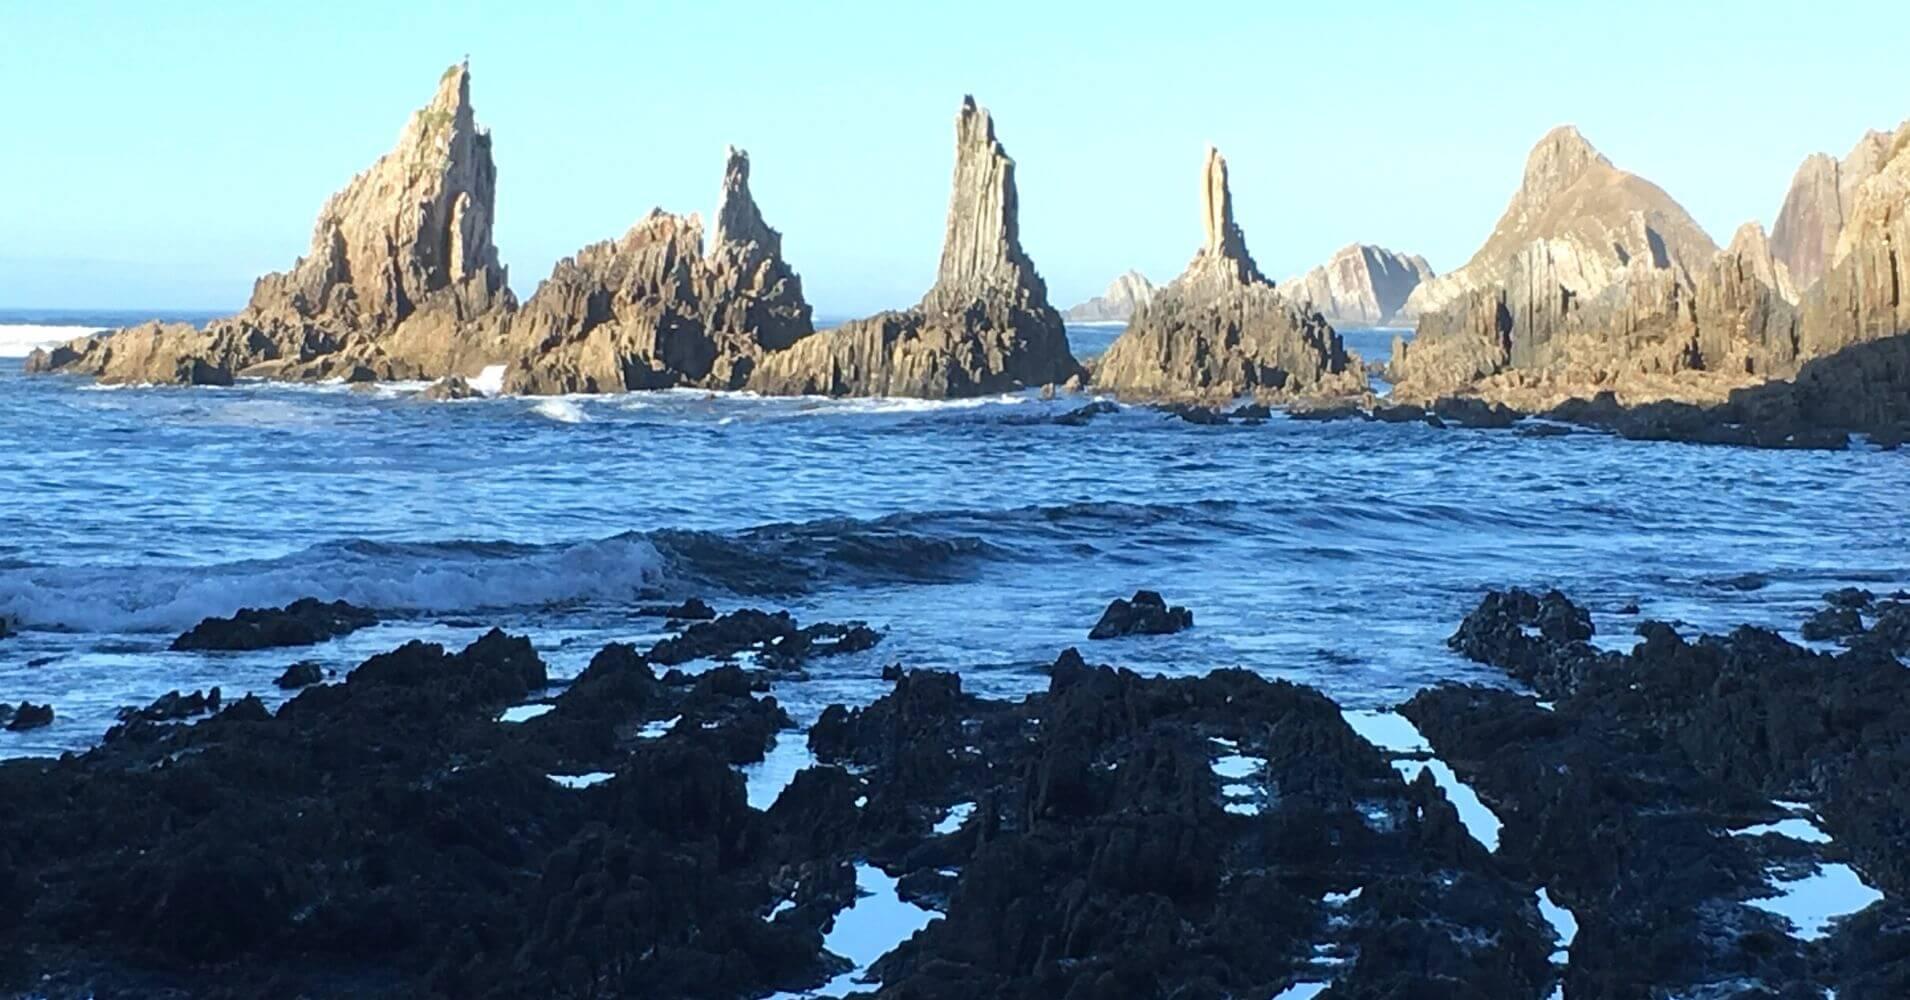 Islotes de la Playa Gueirua. Asturias Maravilla Natural.